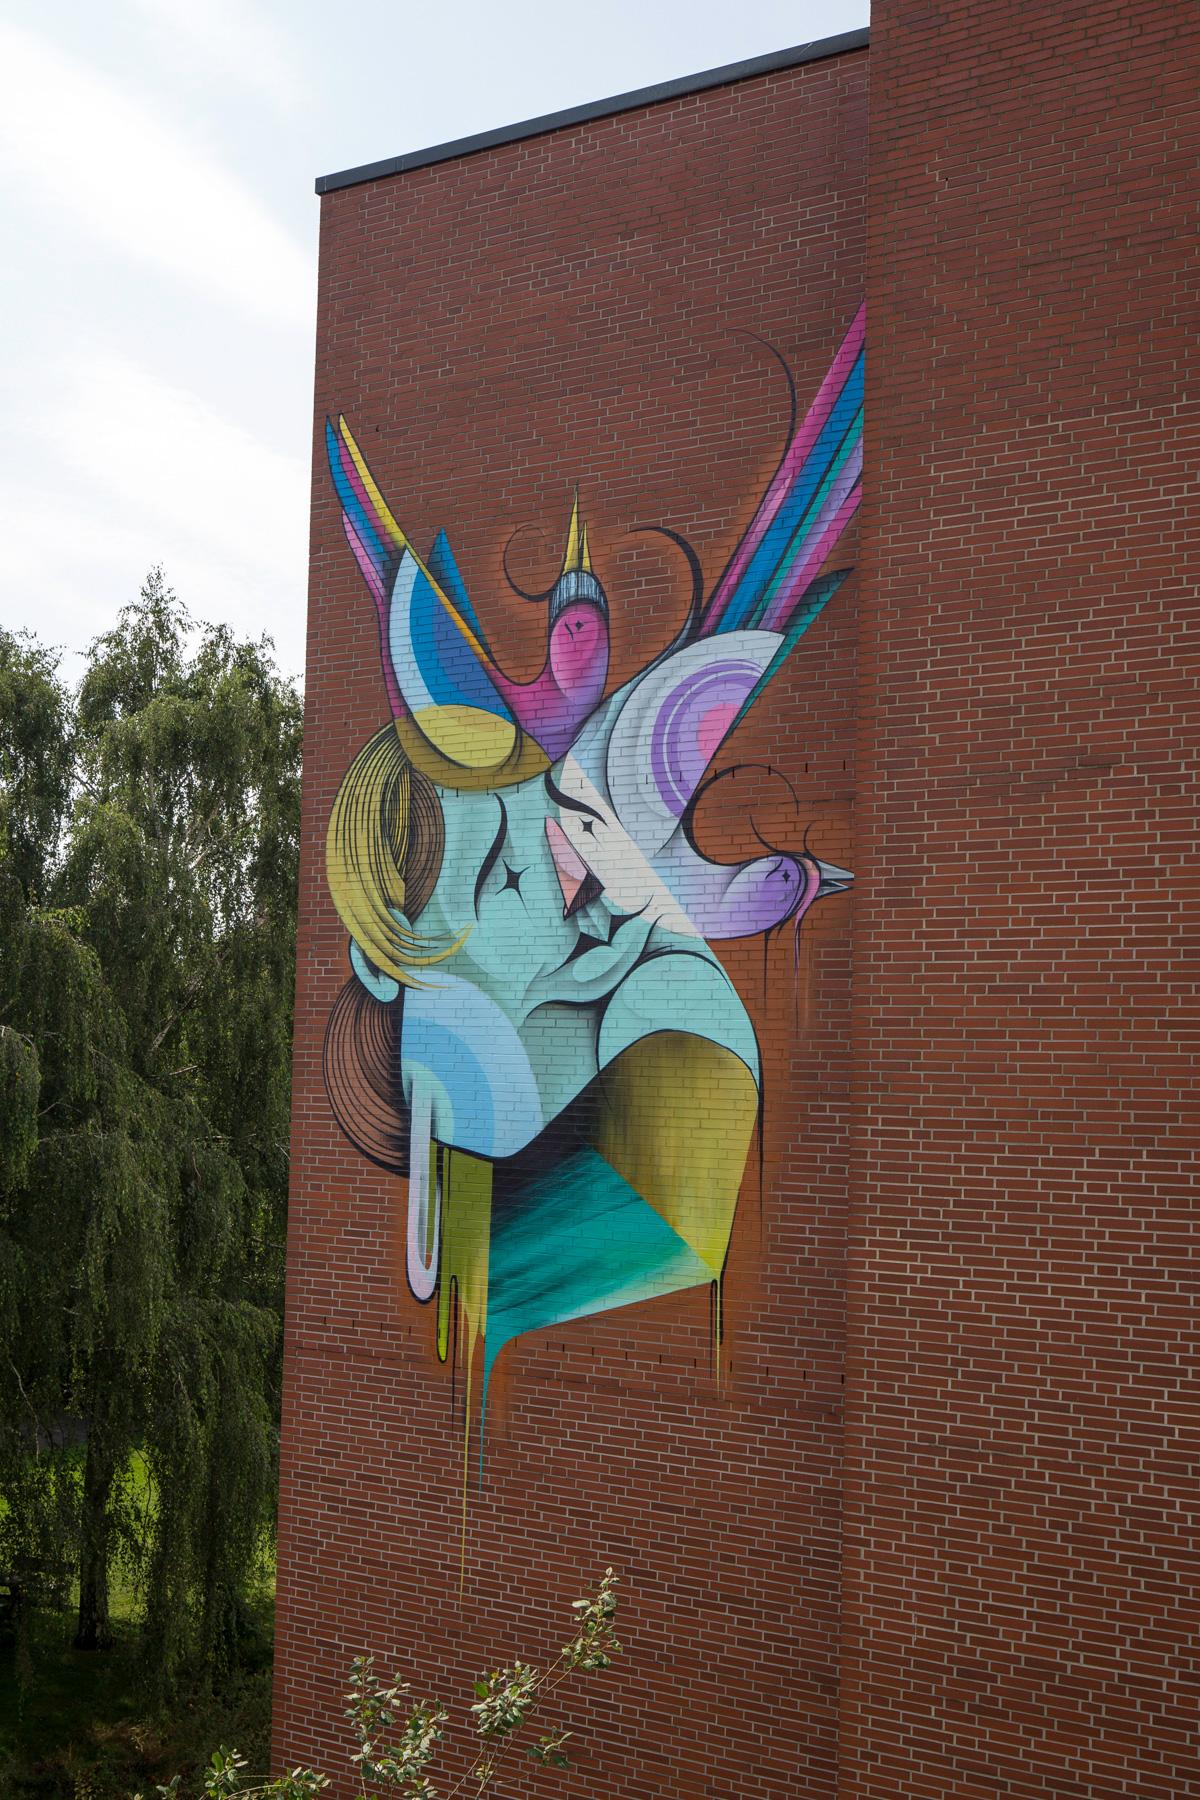 nove-mural-hamburg-artville-8